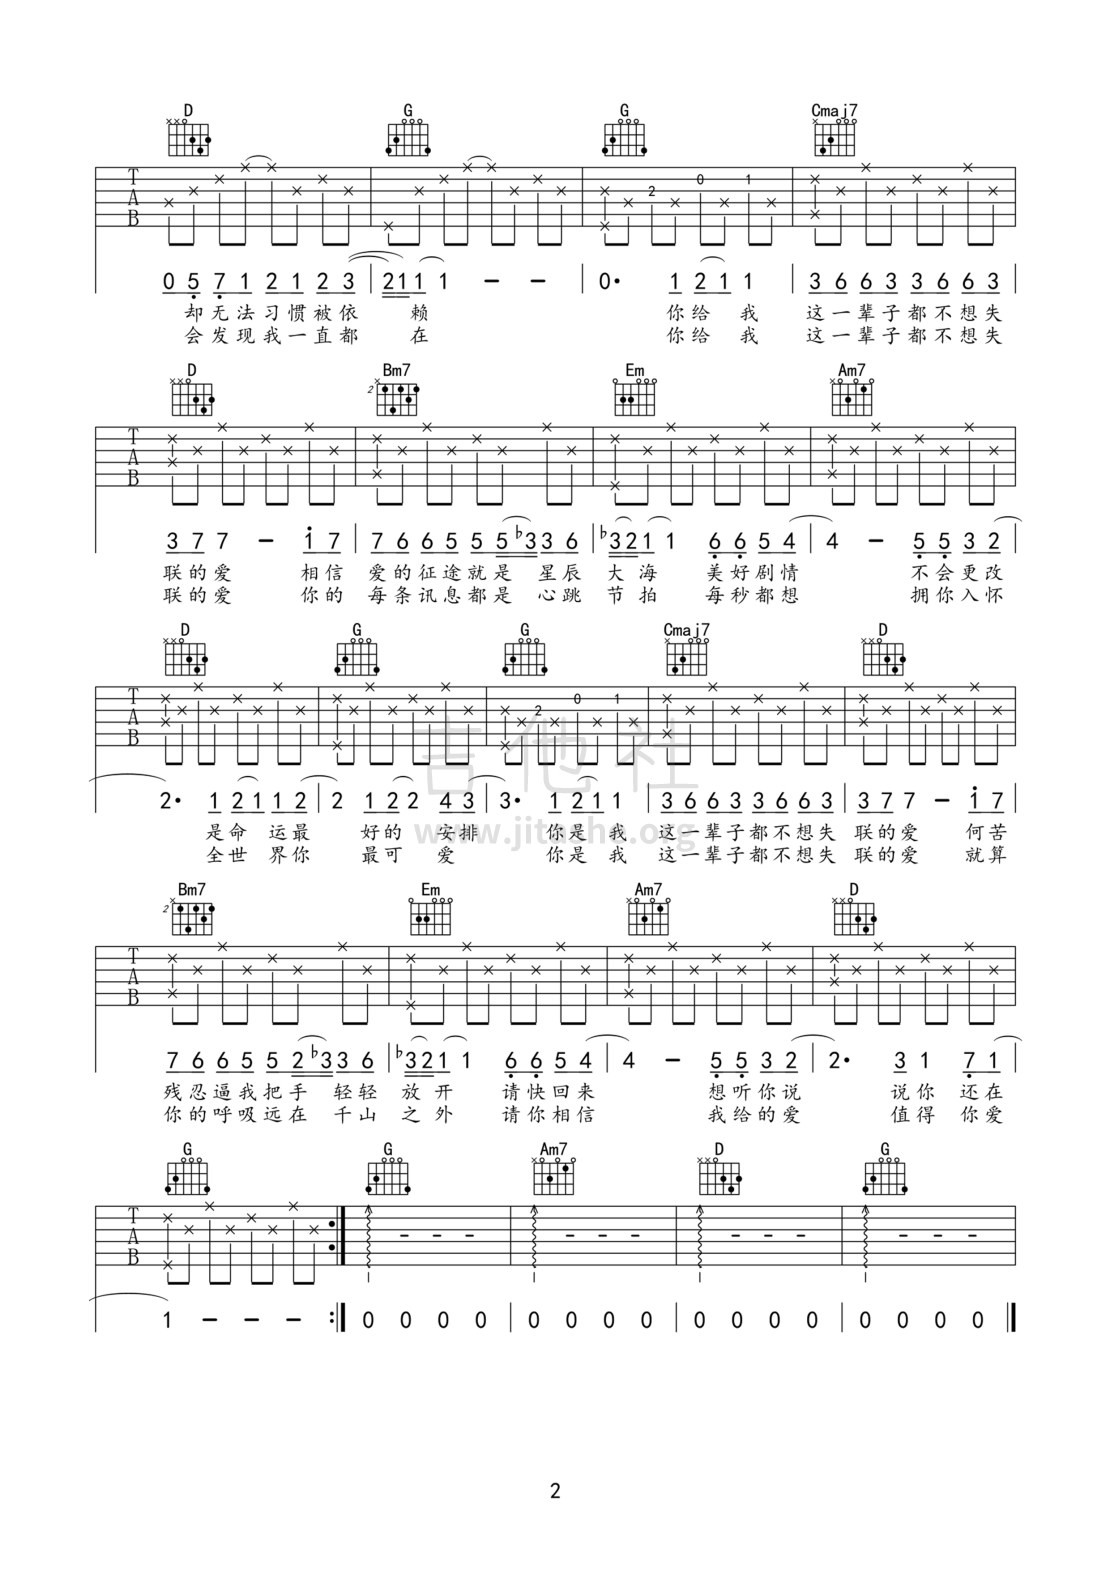 永不失联的爱(简单弹唱版)吉他谱(图片谱,弹唱,简单版)_周兴哲(Eric Chou)_永不失联的爱2.jpg